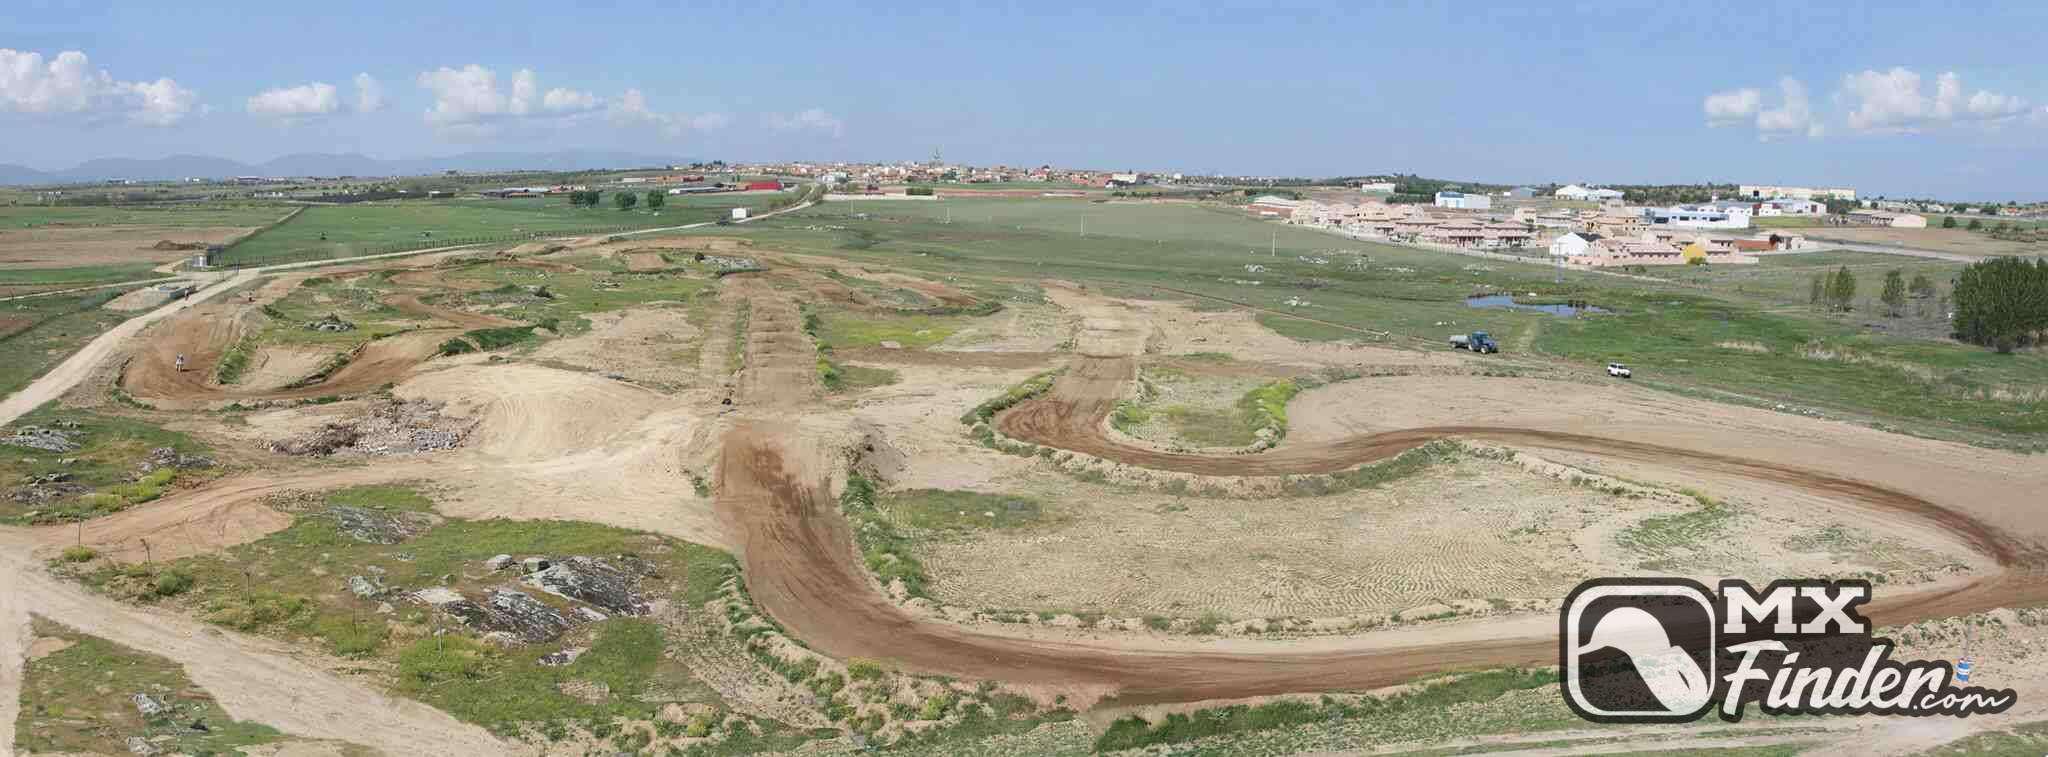 motocross,  Motocross, Cuerva, motocross track